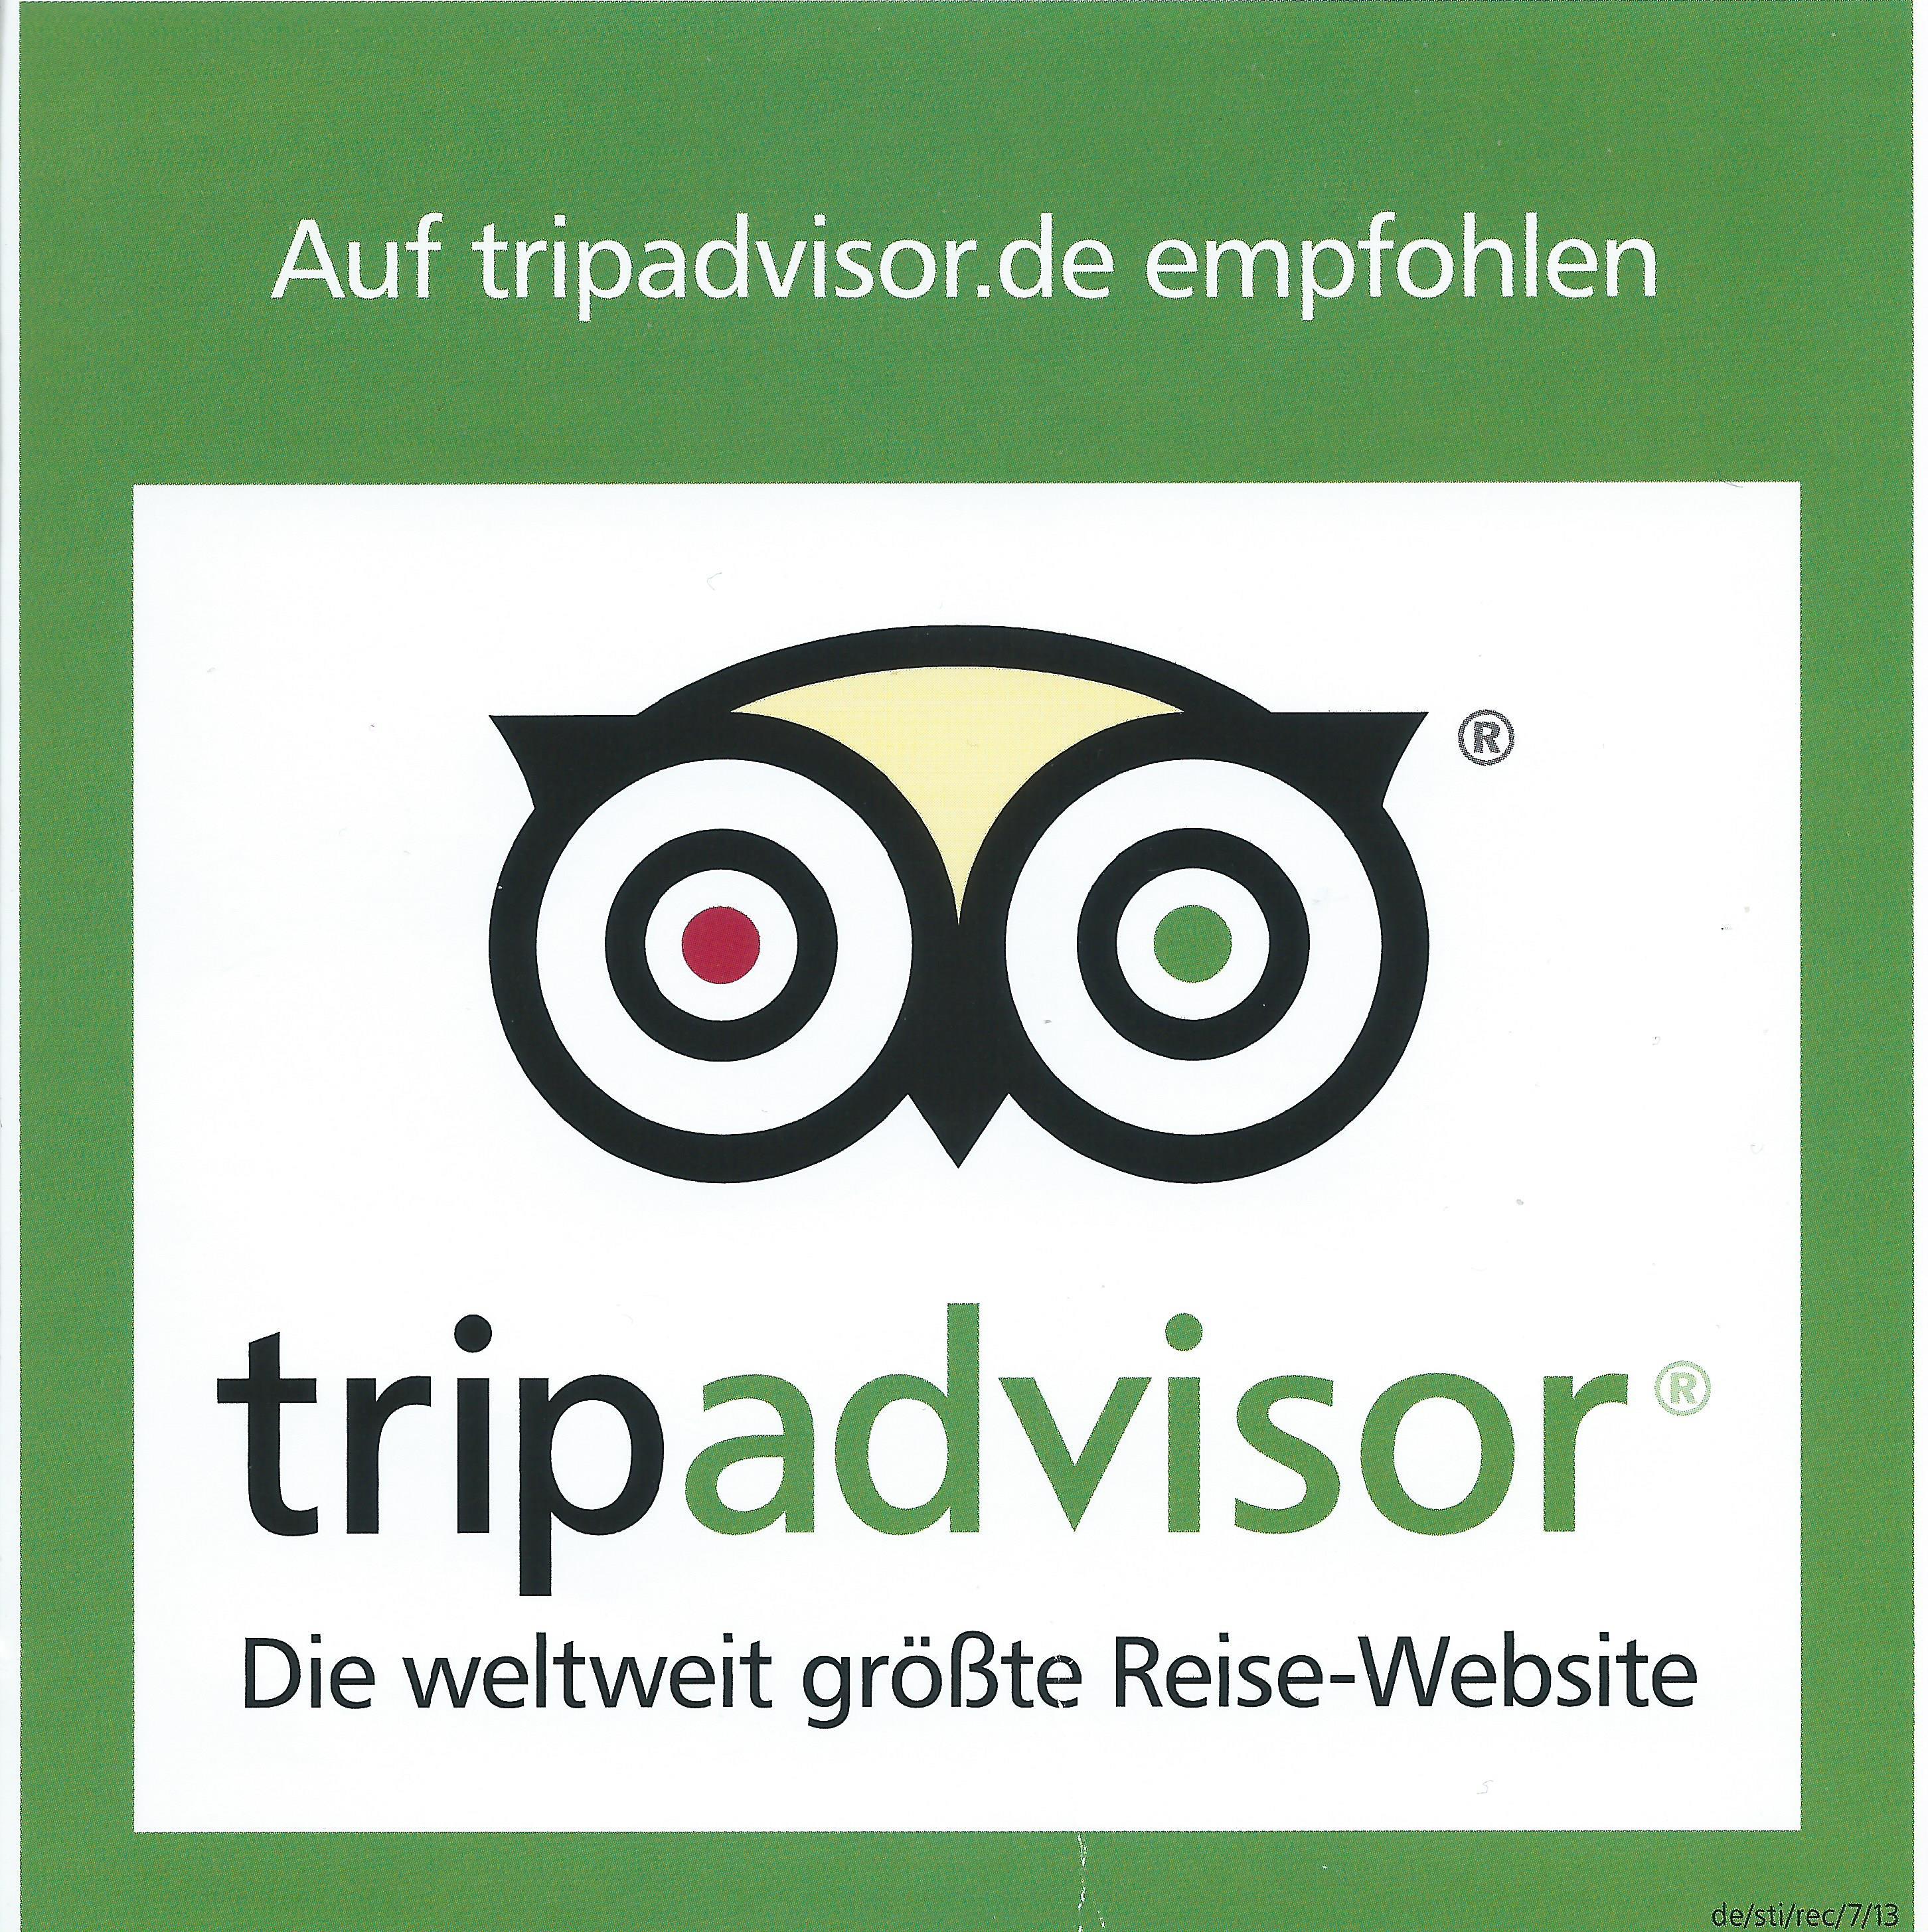 #Tripadvisor